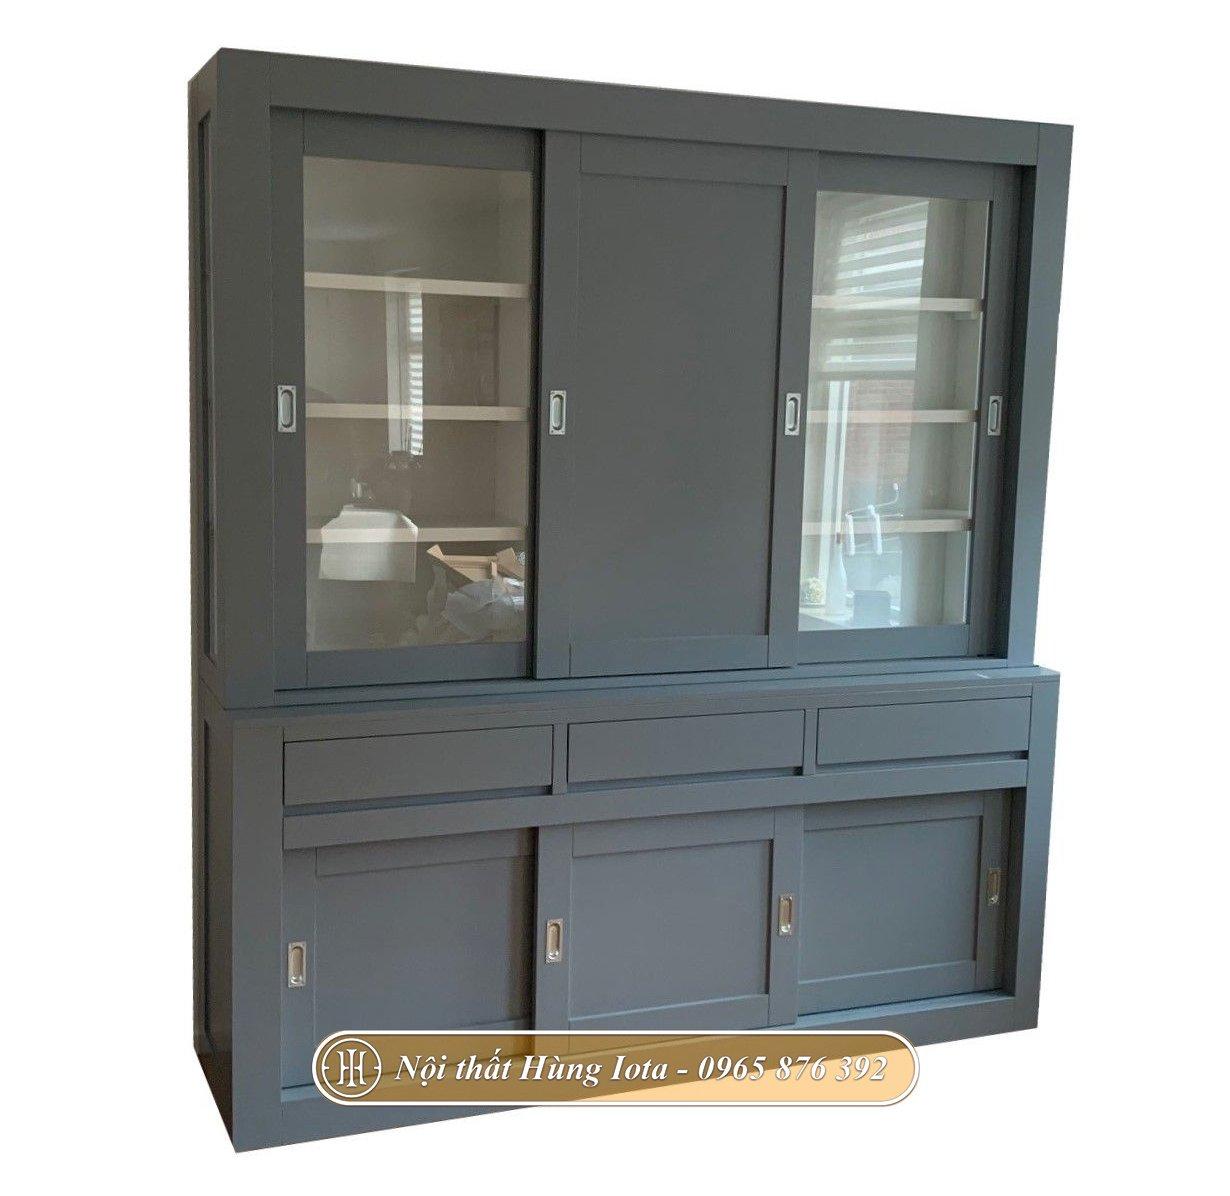 Tủ quần áo gỗ màu xám 4 tầng cửa trượt sang trọng